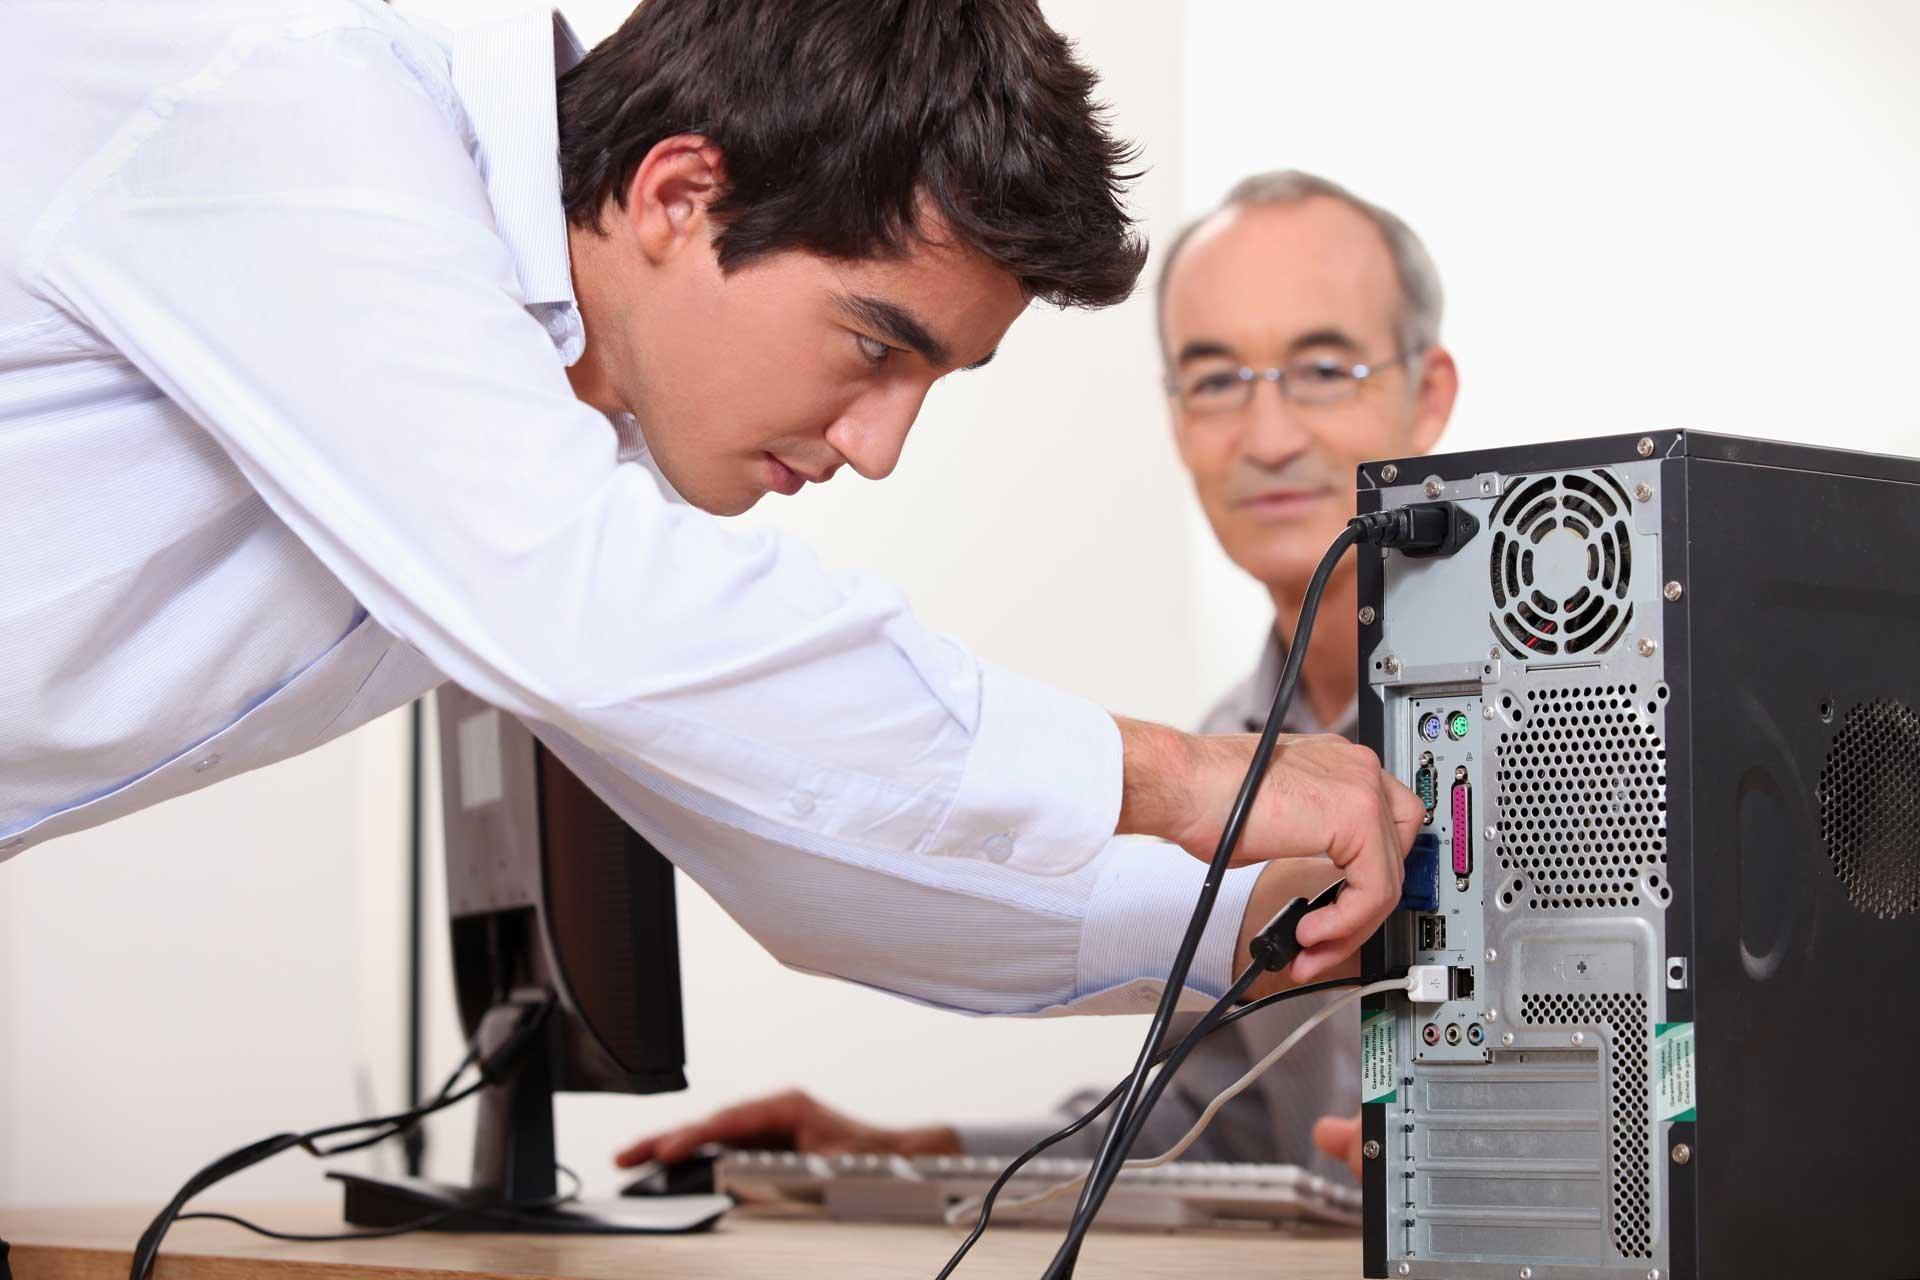 man_fixing_computer